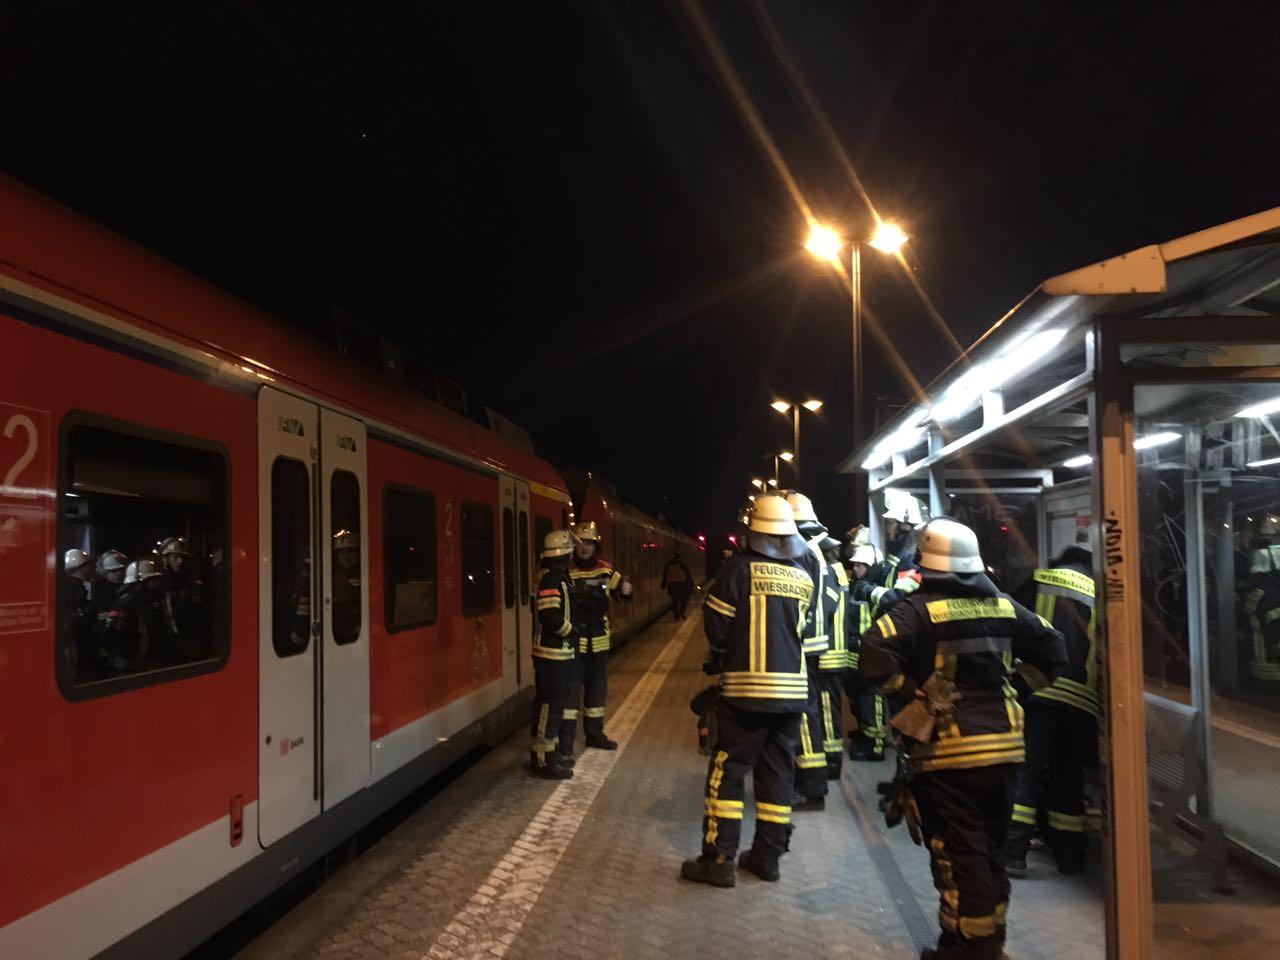 Frau von S-Bahn überfahren und getötet